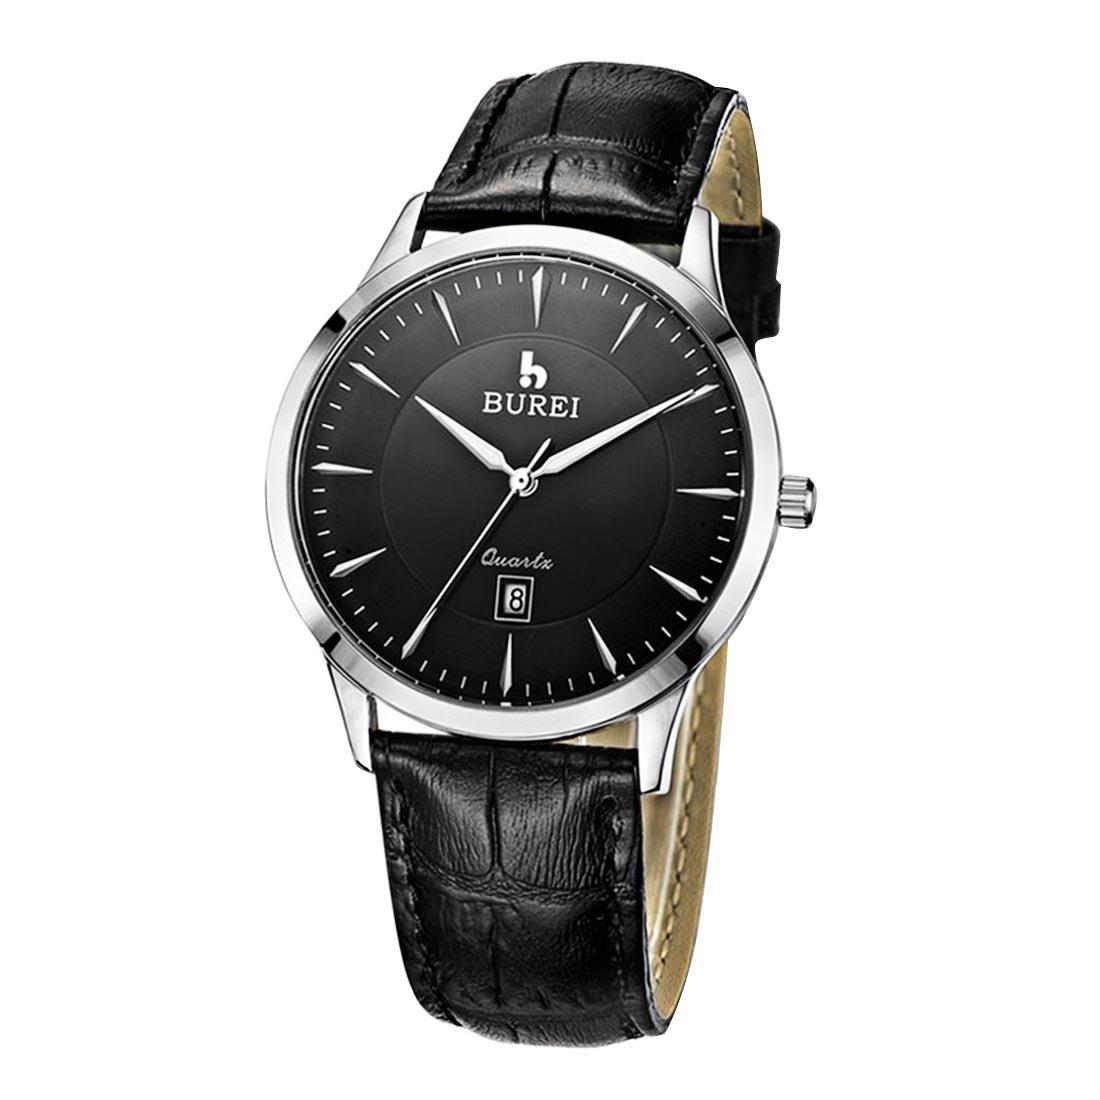 SchÖne Uhren - BUREI 700105 Multifunktionale 3ATM wasserdichte Quarz-Geliebt-Armbanduhr mit echtem Leder-Band u. Saphir-